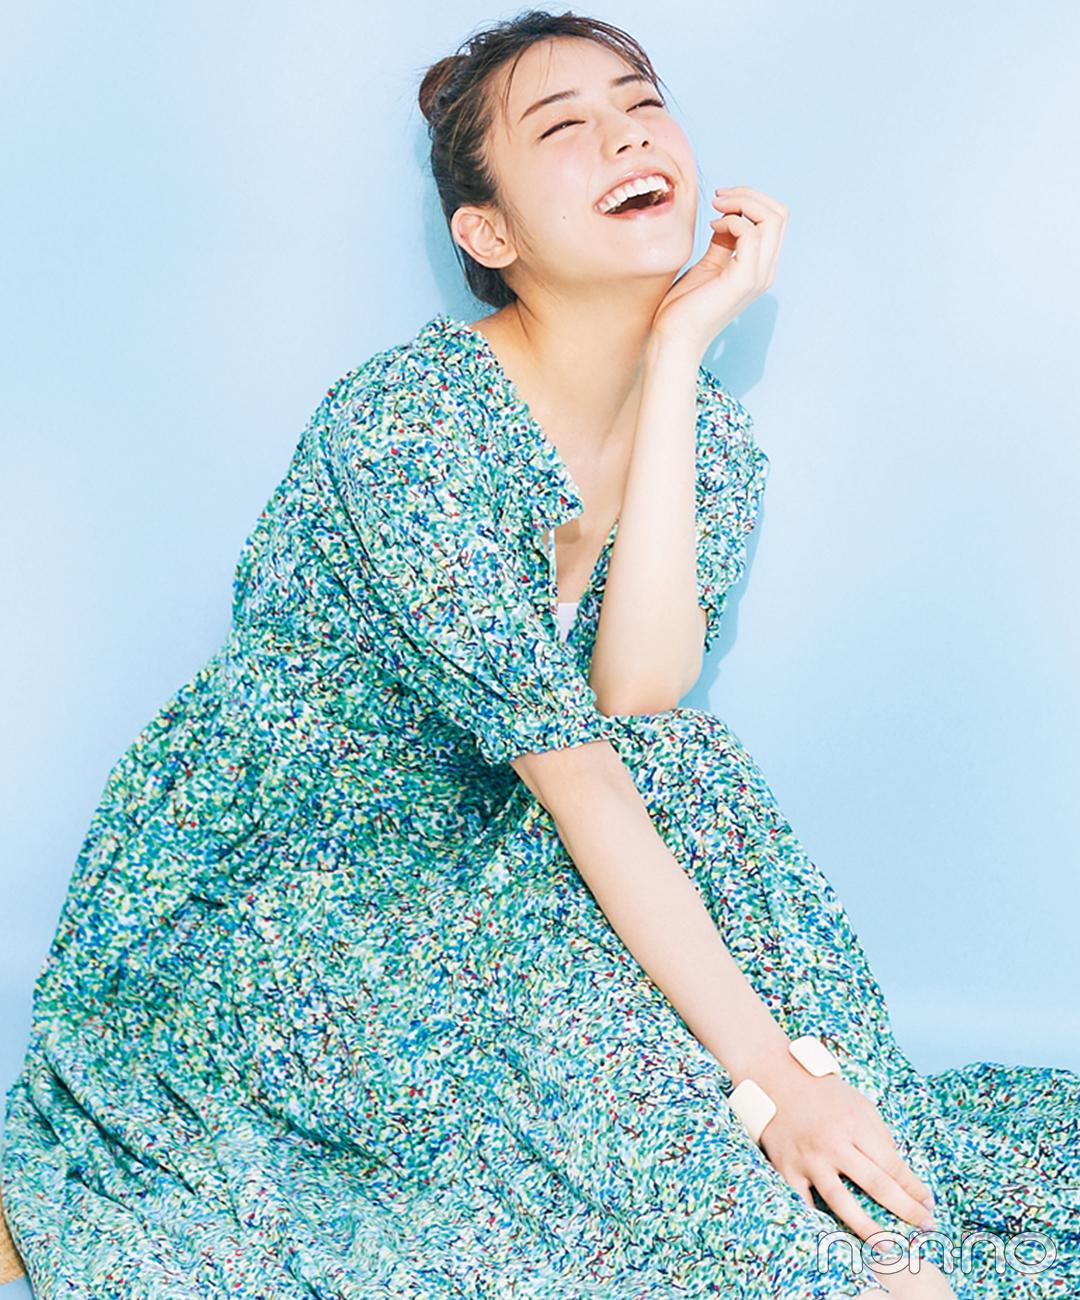 Photo Gallery 天気予報の女神&大人気モデル! 貴島明日香フォトギャラリー_1_30